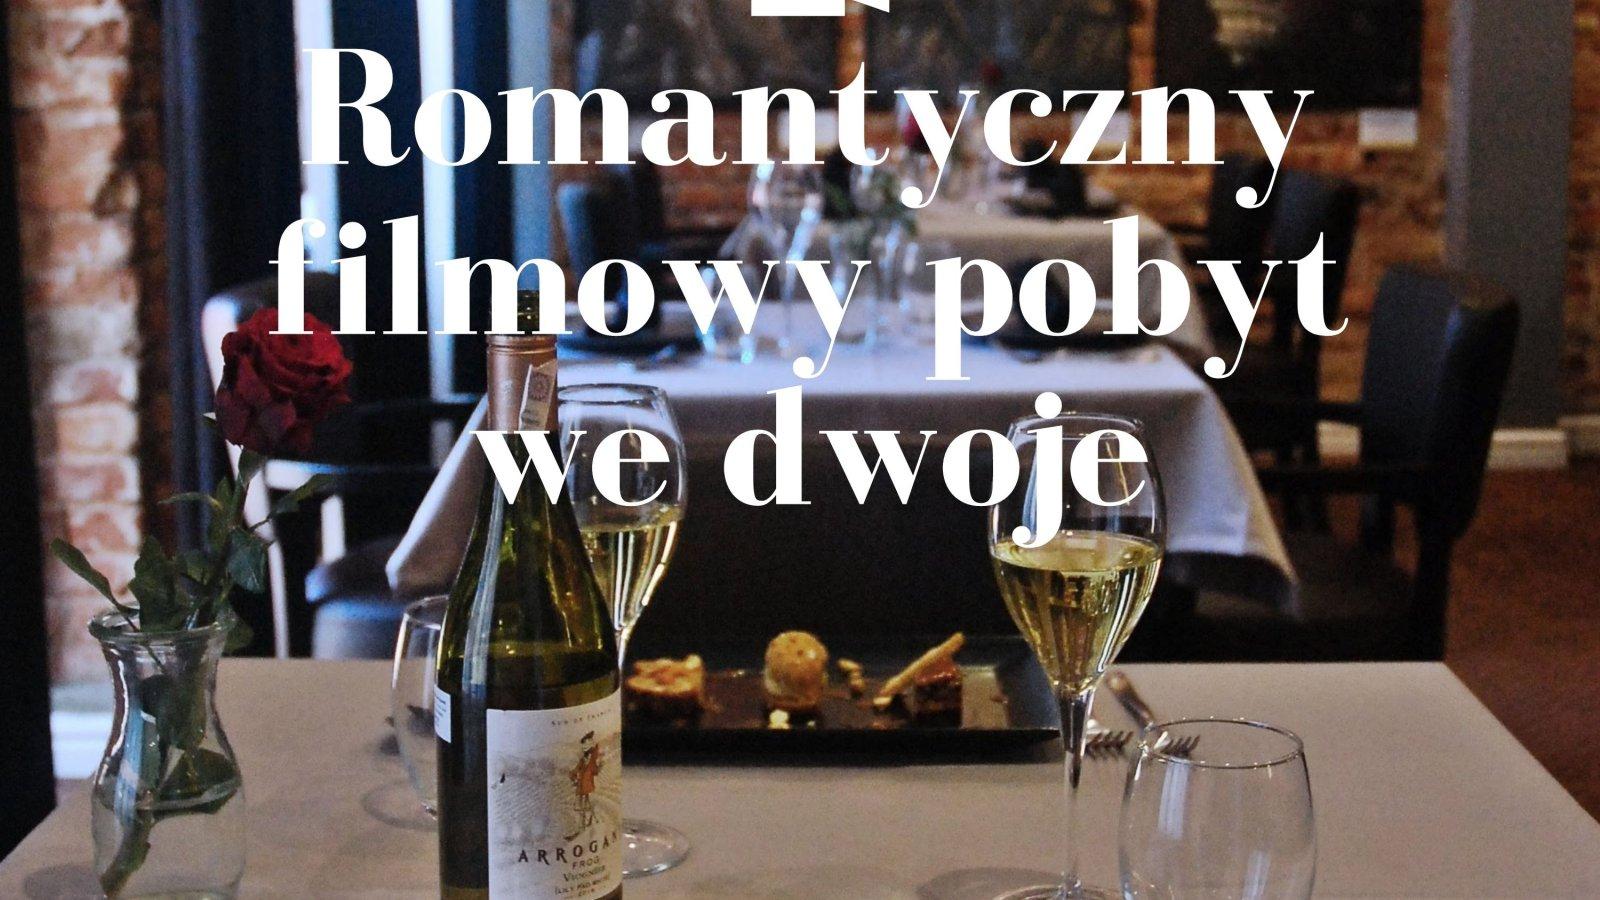 Voucher na romatyczny, filmowy weekend we dwoje